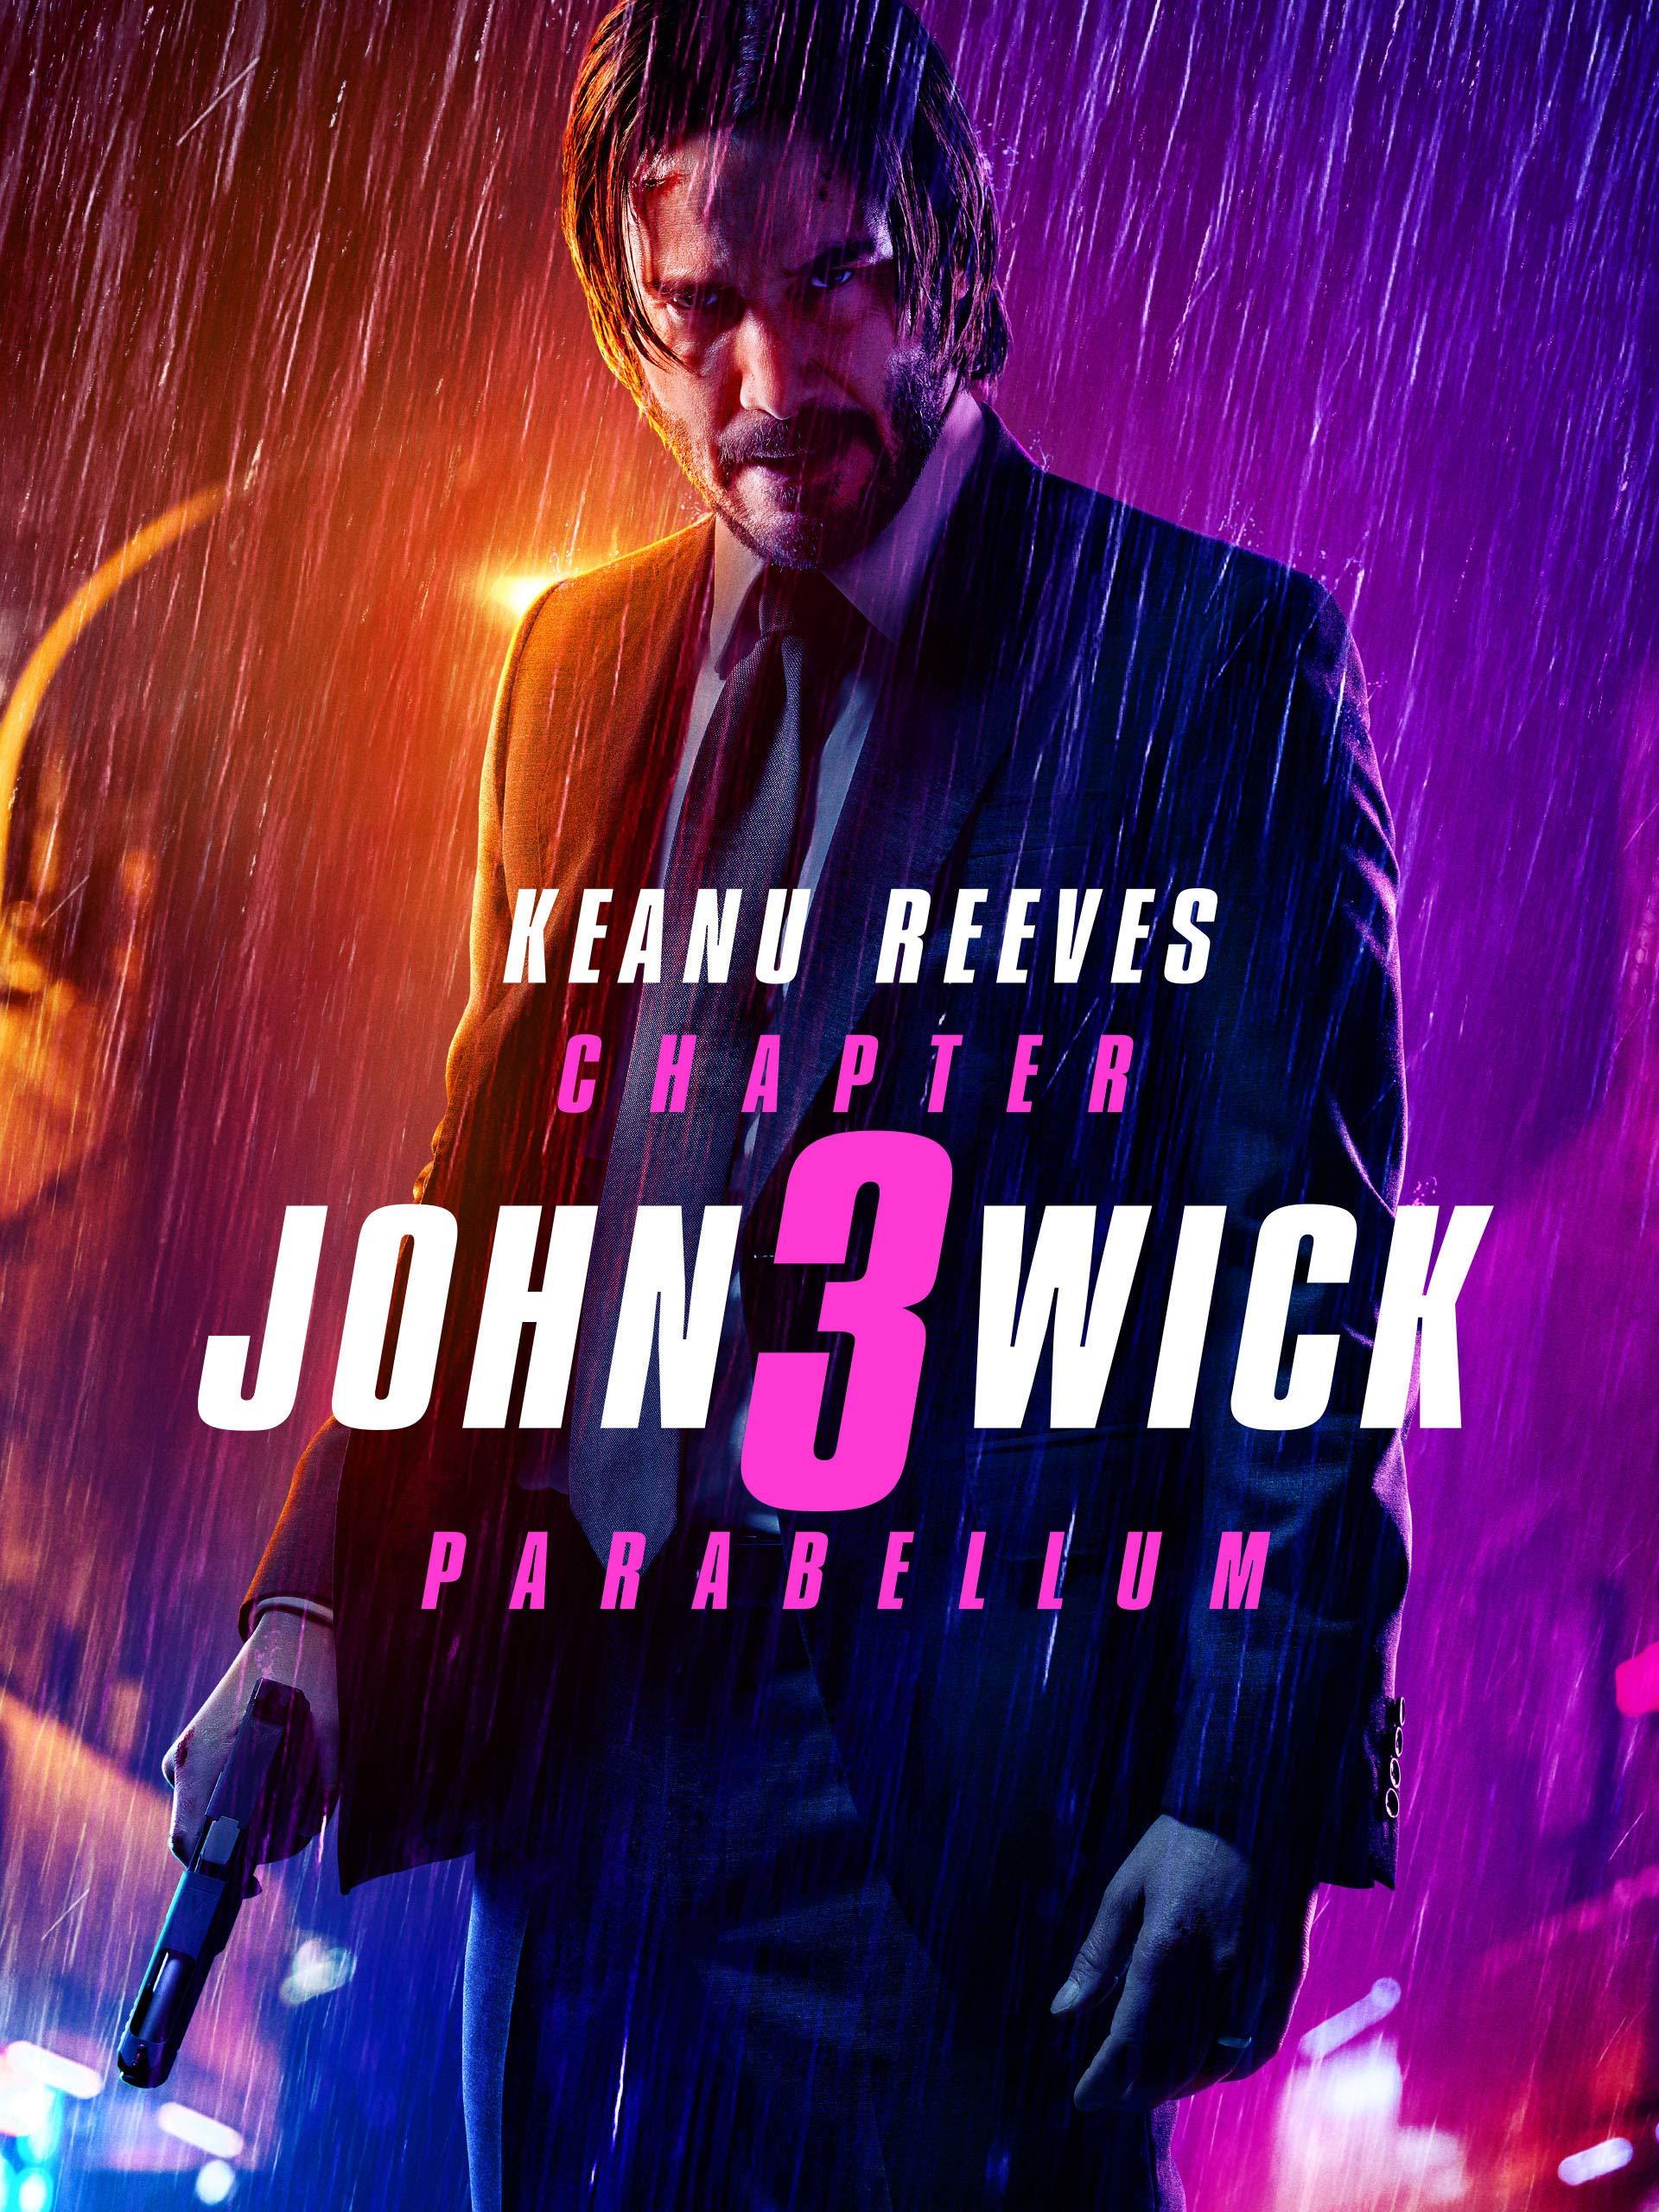 watch john wick 3 online free streaming